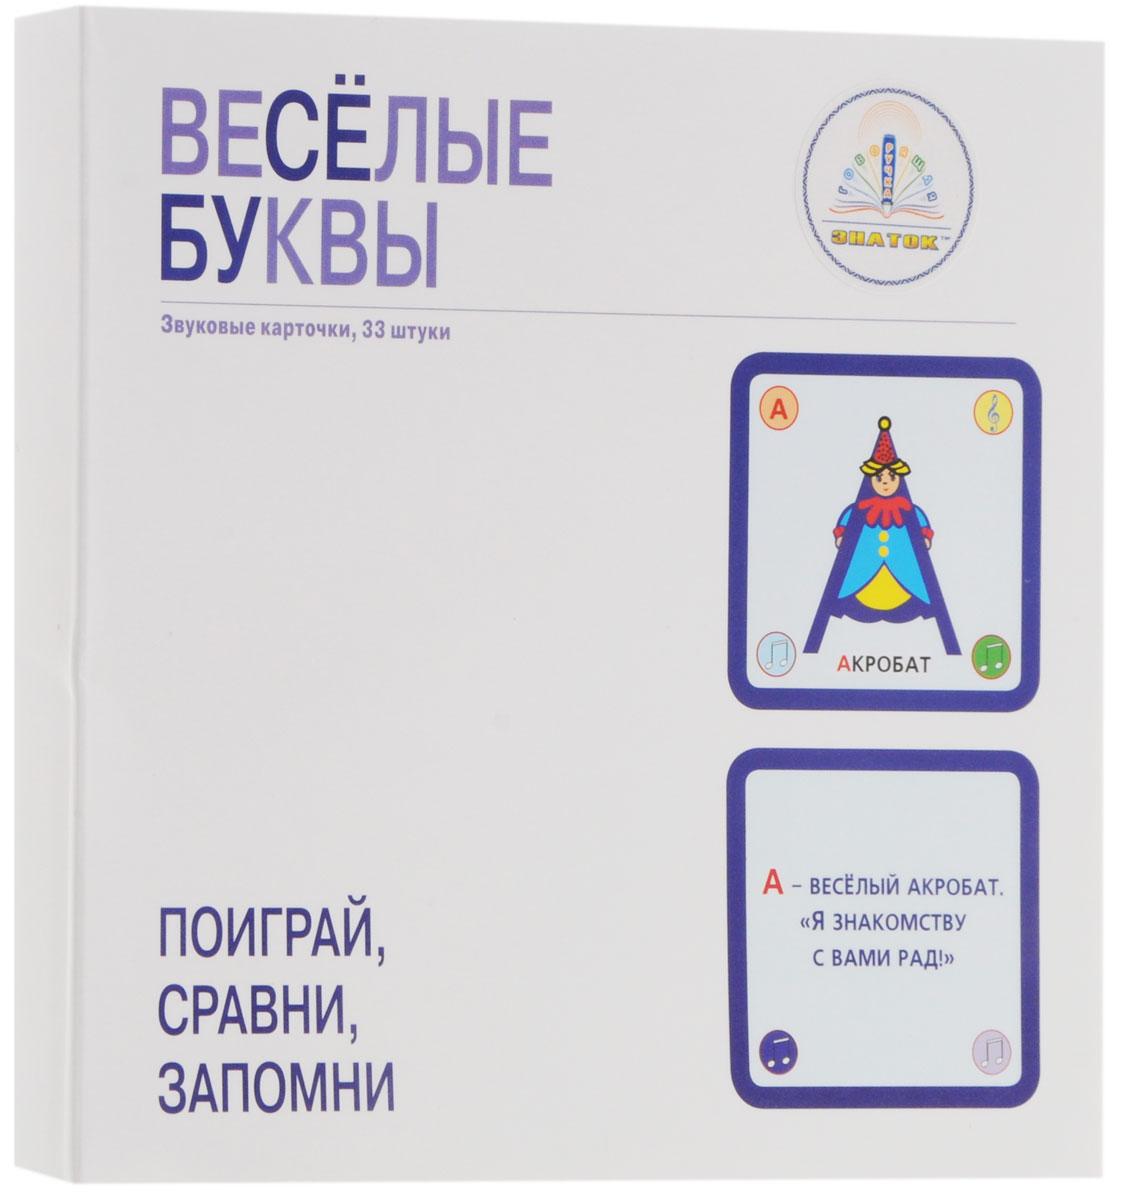 Знаток Обучающие карточки Веселые буквы константинова е а карточки для изучения иероглифов 150 карточек соответствующих первому уровню hsk в коробке